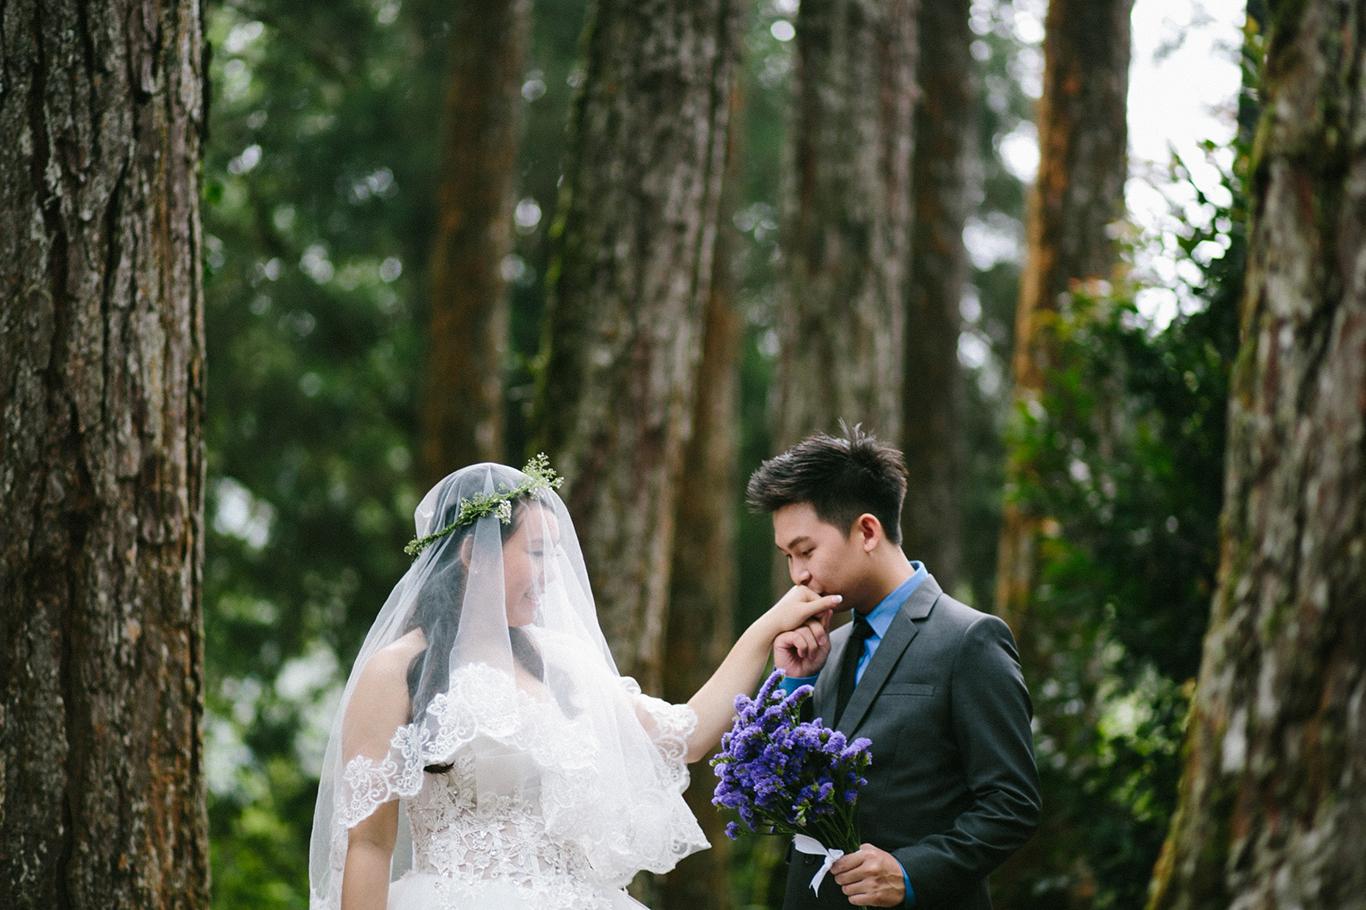 56-hellojanelee-amazing-wedding-2015-malaysia